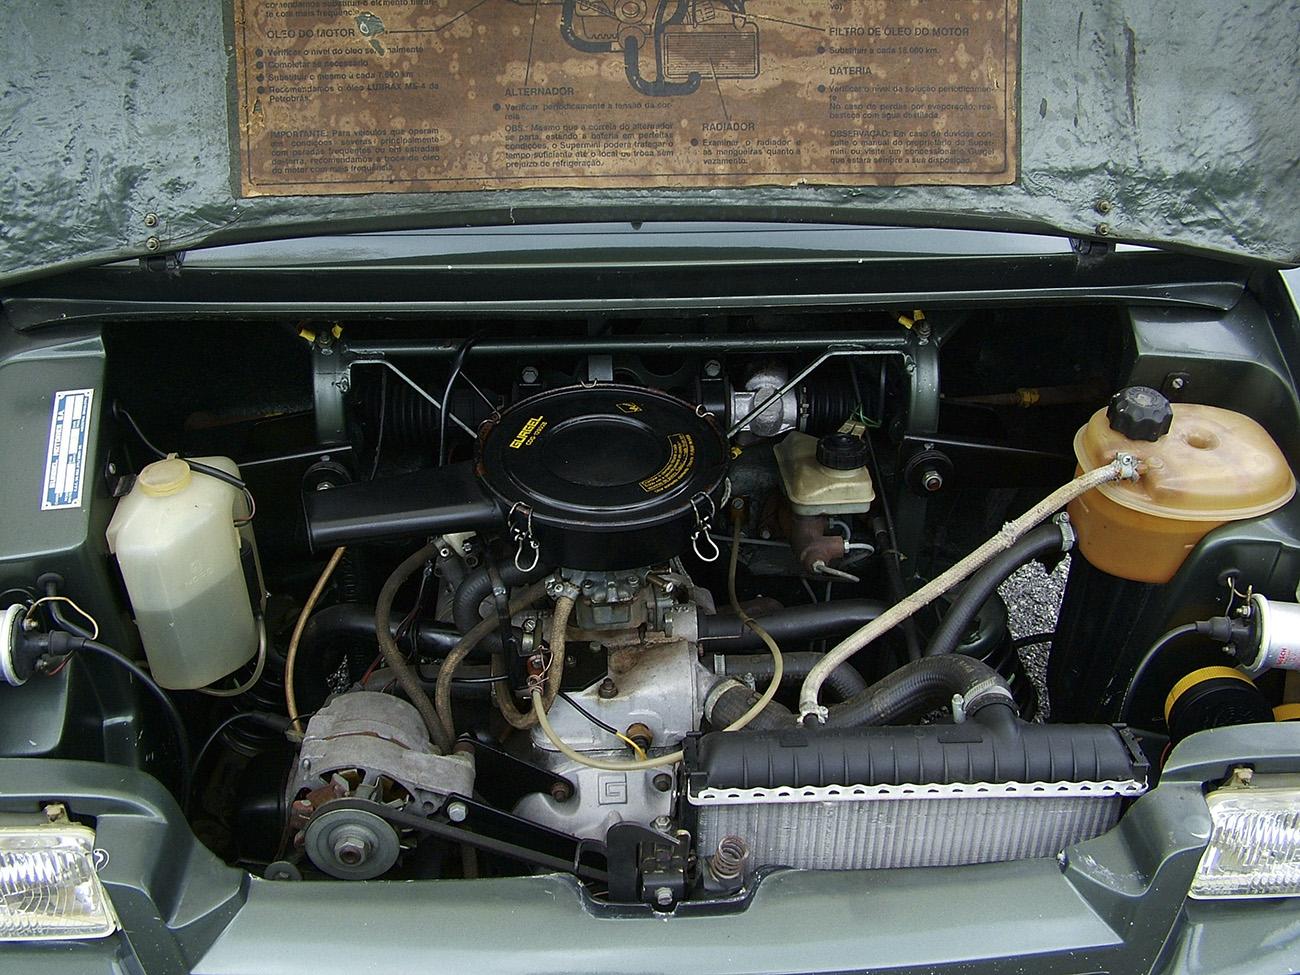 Motor de dois cilindros refrigerado a água tinha 36 cv